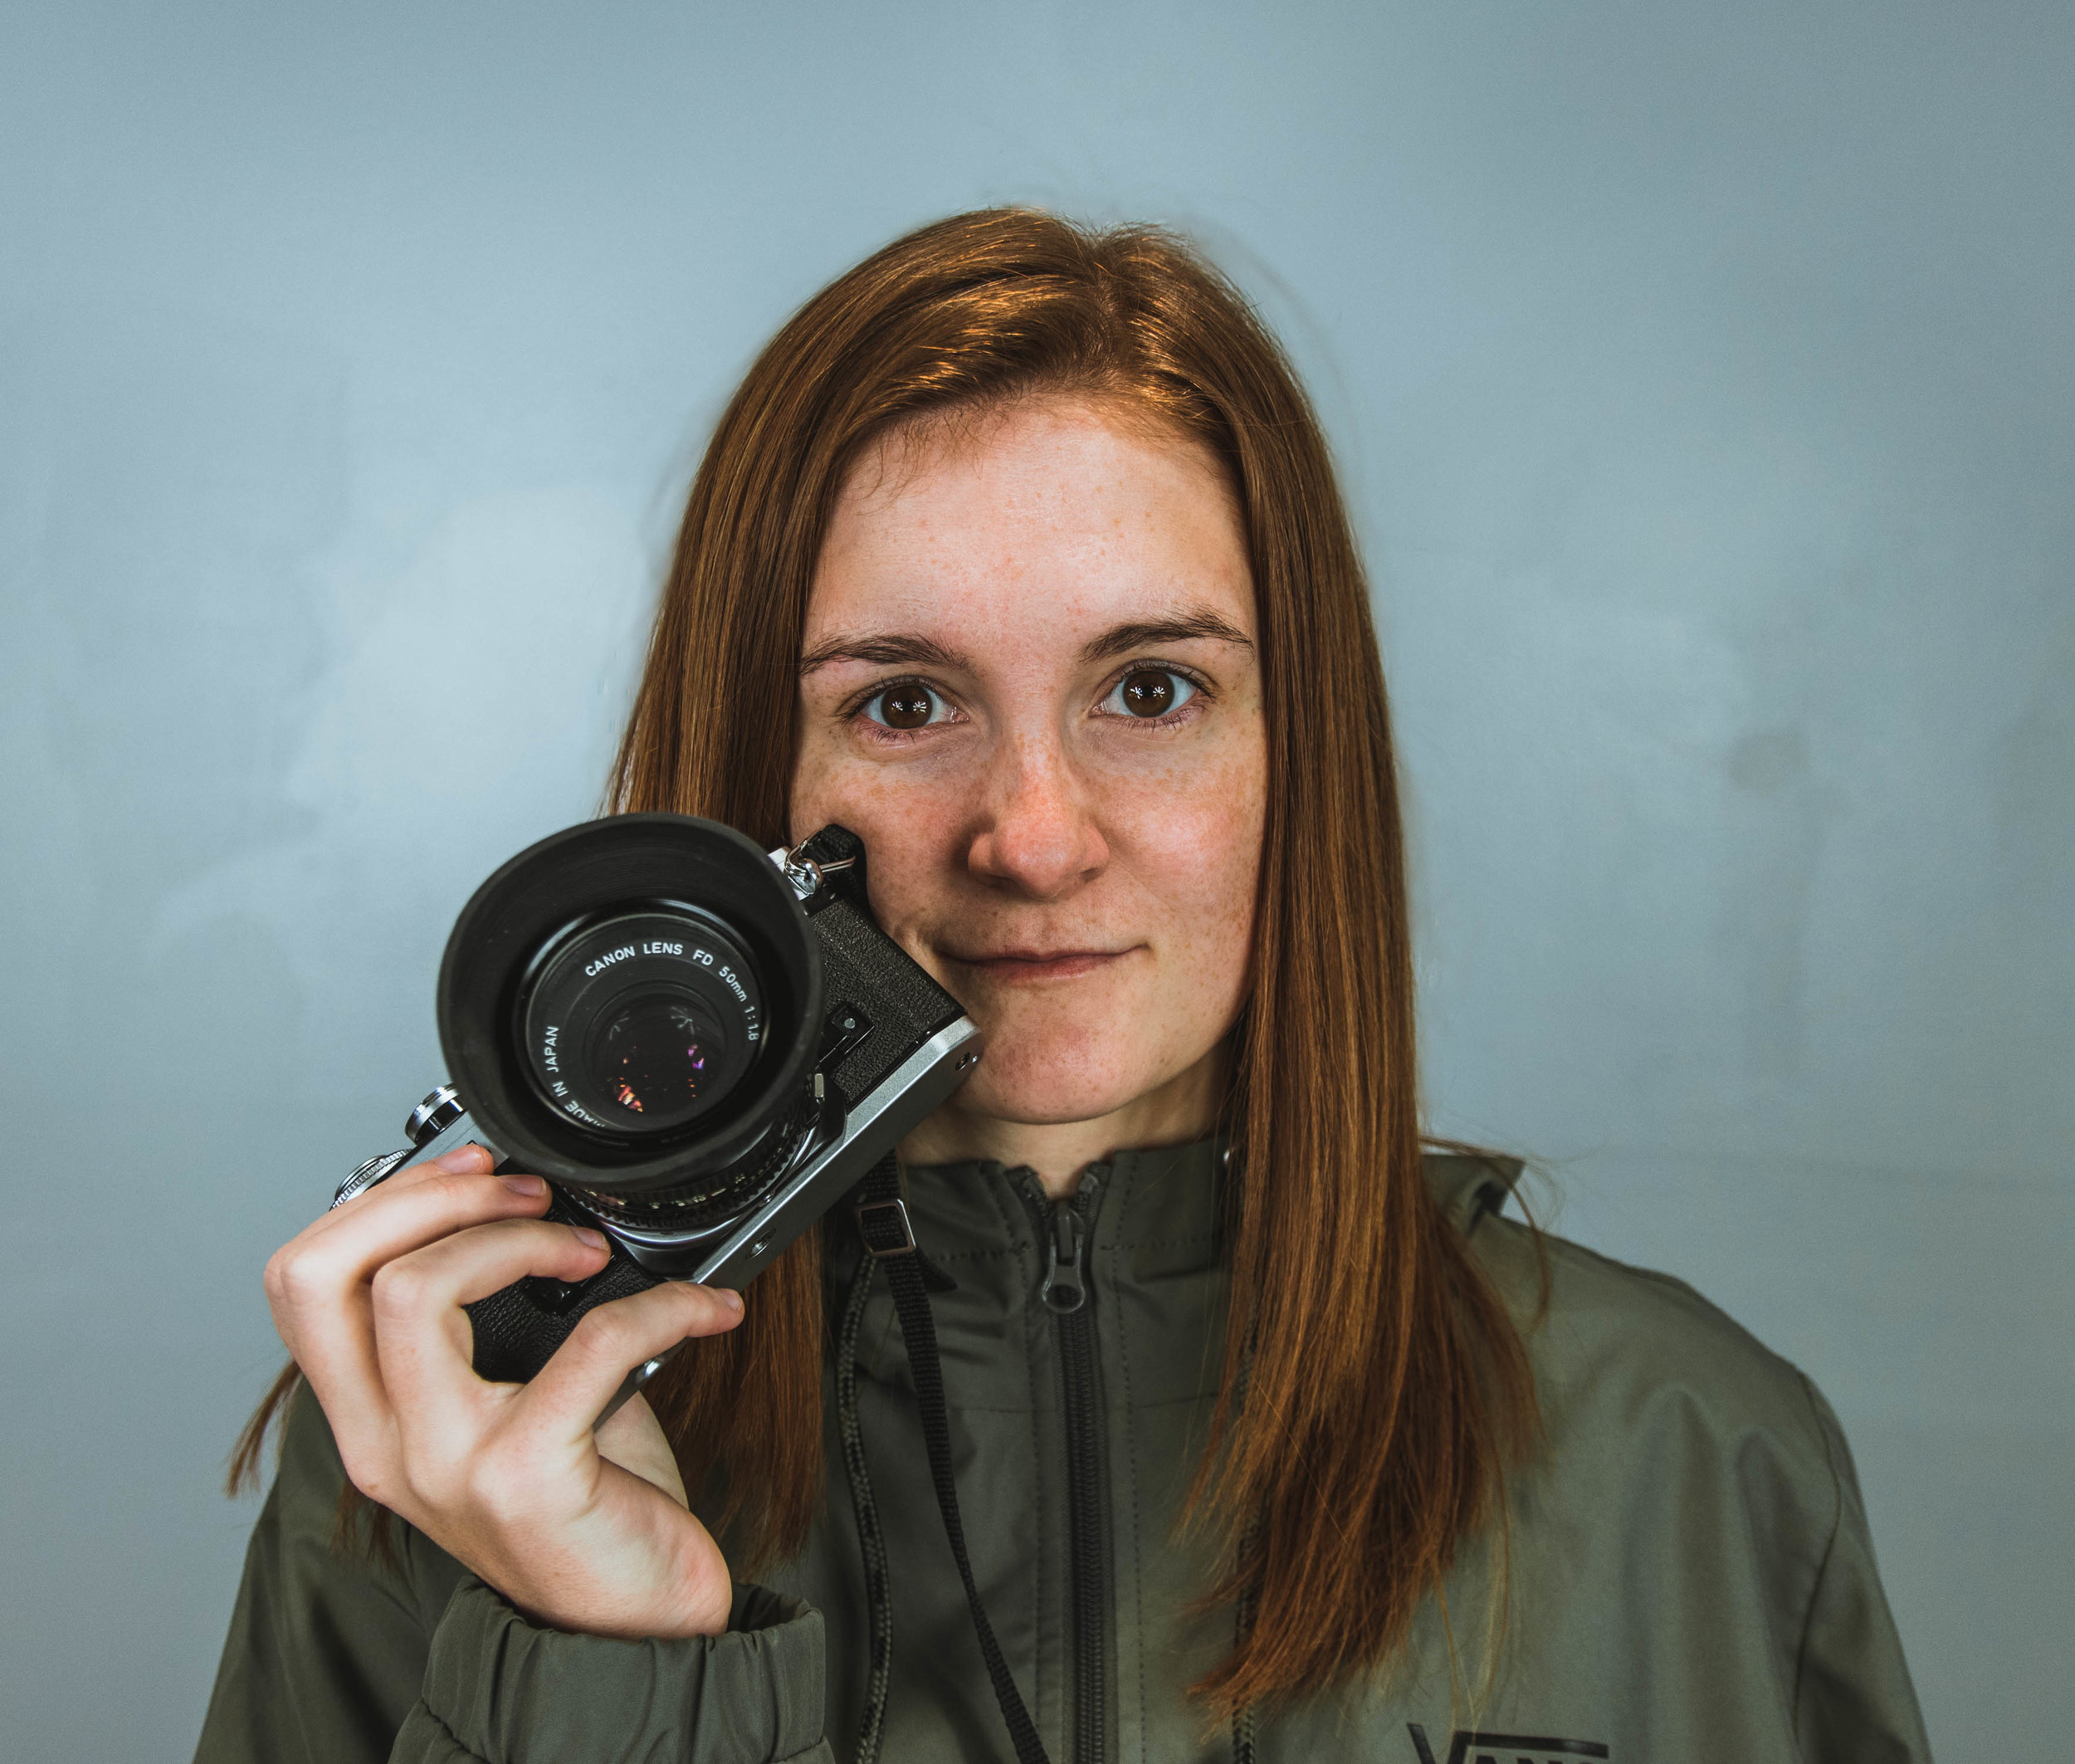 Megan Briggs